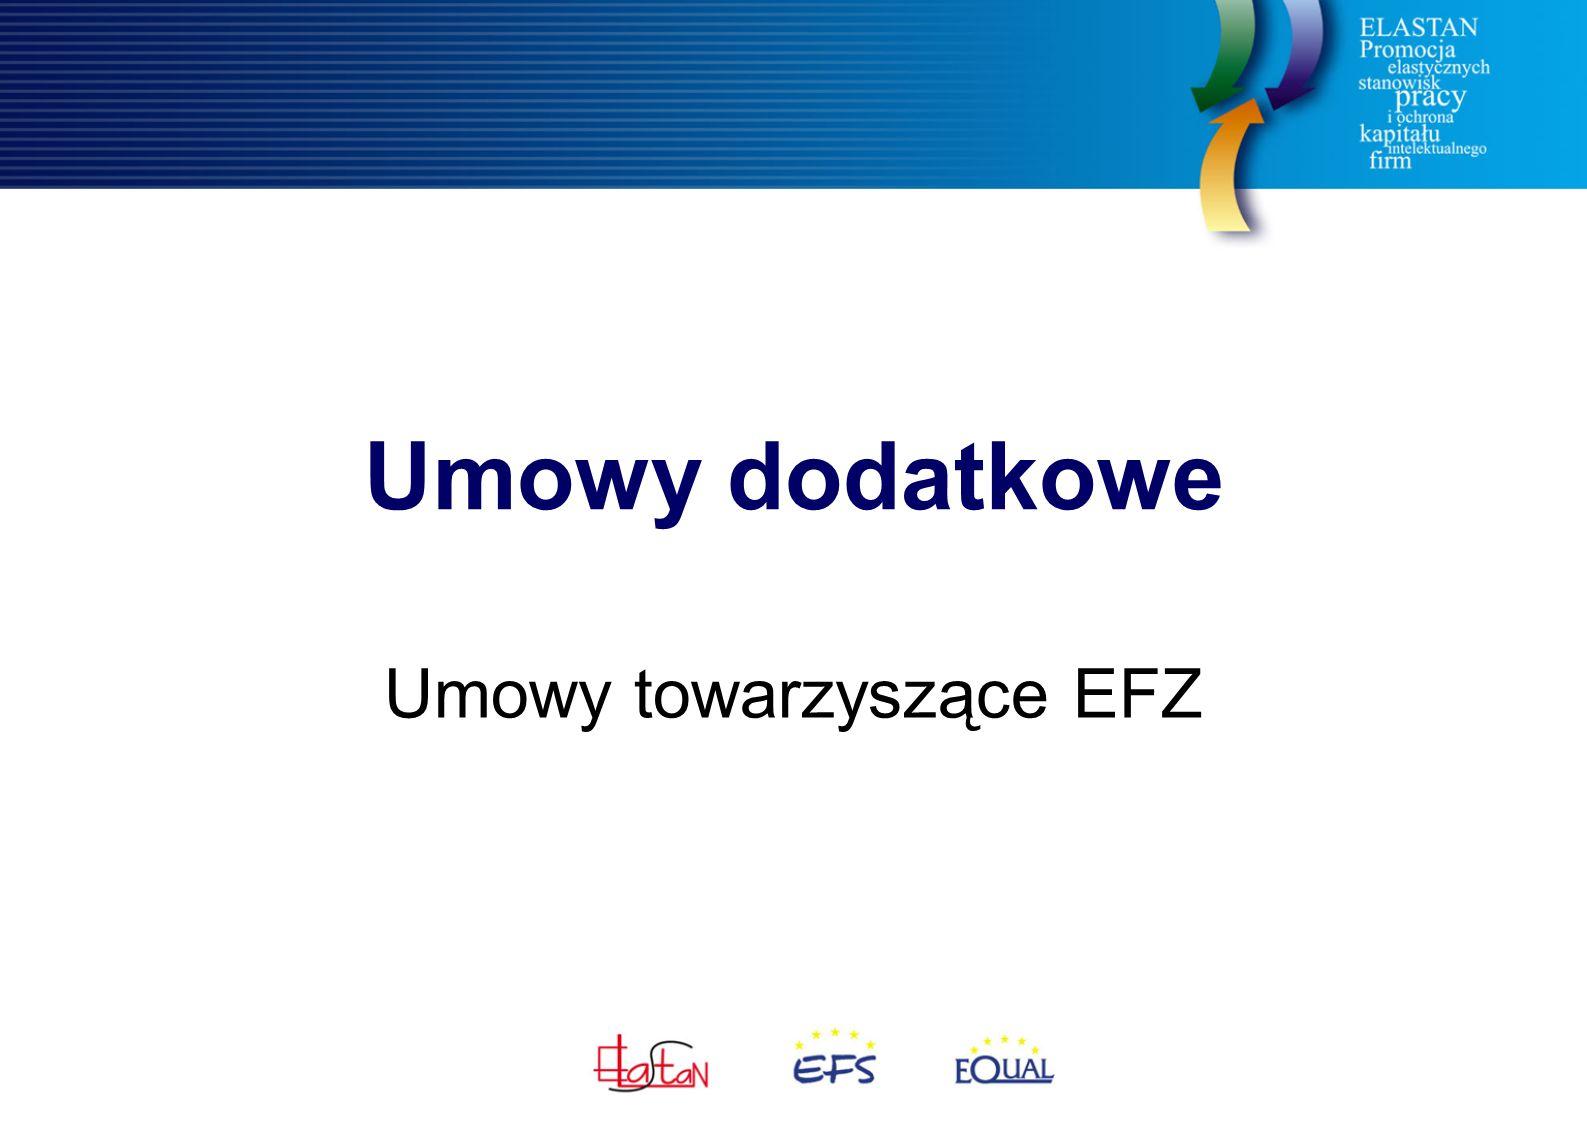 Umowy dodatkowe Umowy towarzyszące EFZ